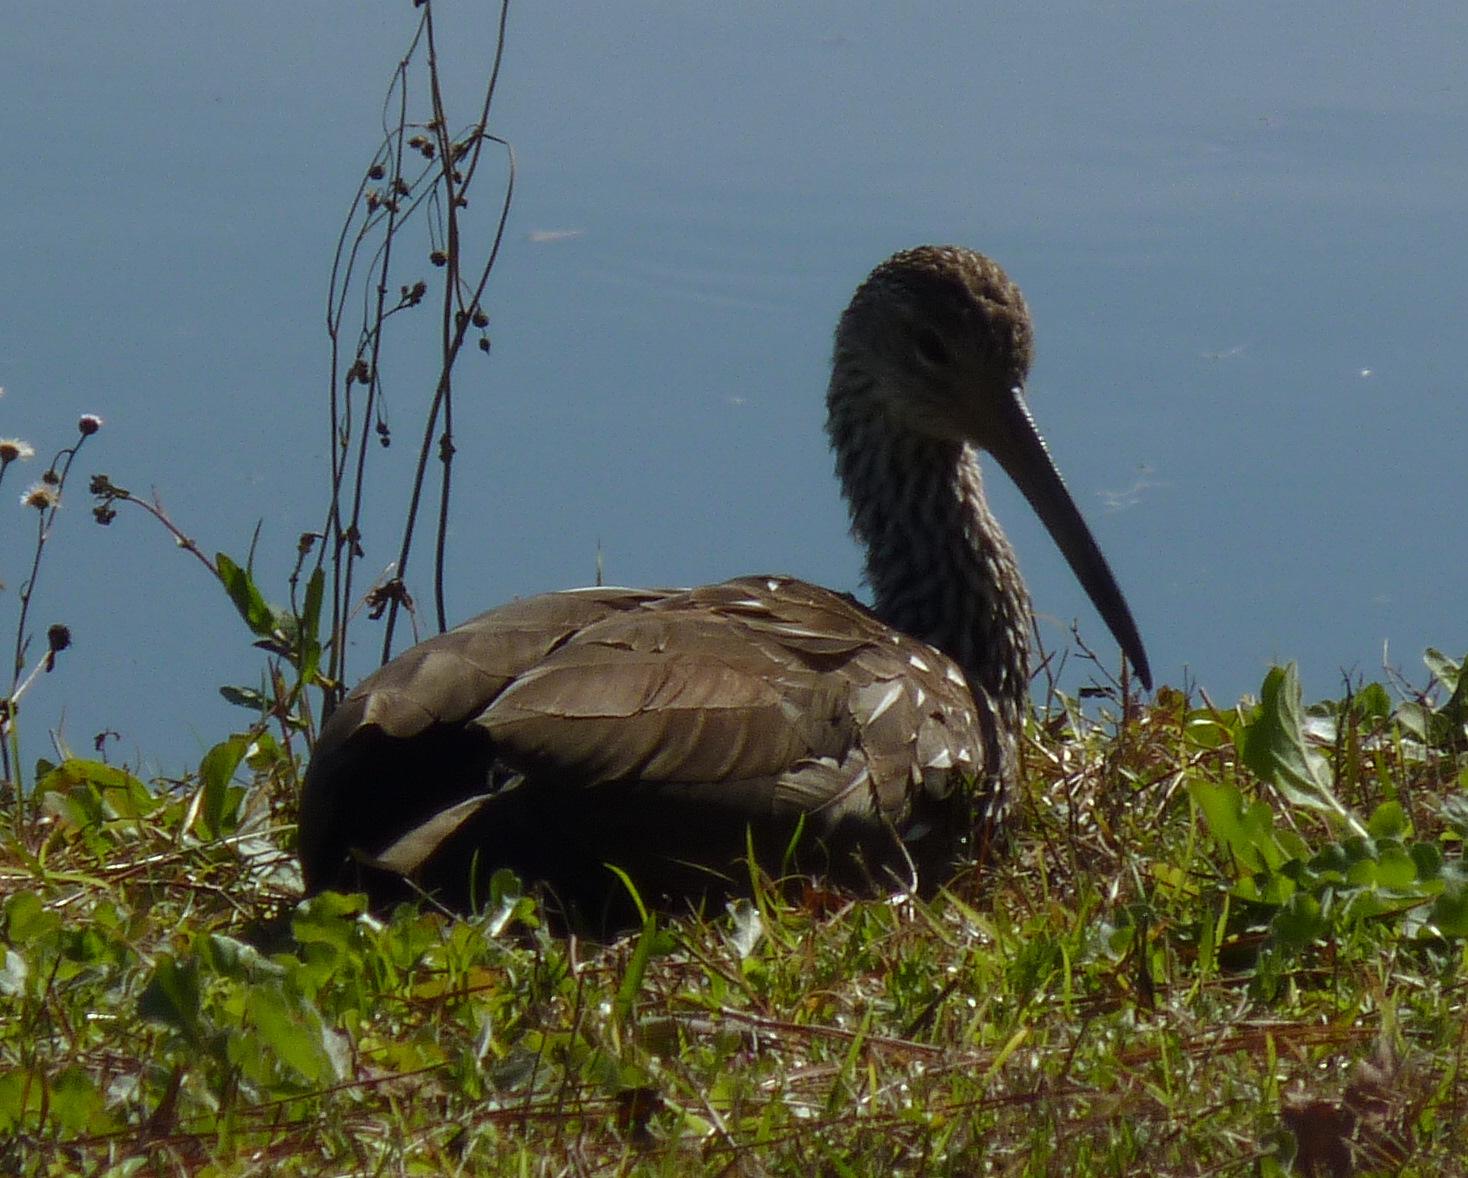 Southern Birds: Backyard Guide - Watching - Feeding Florida backyard birds pictures